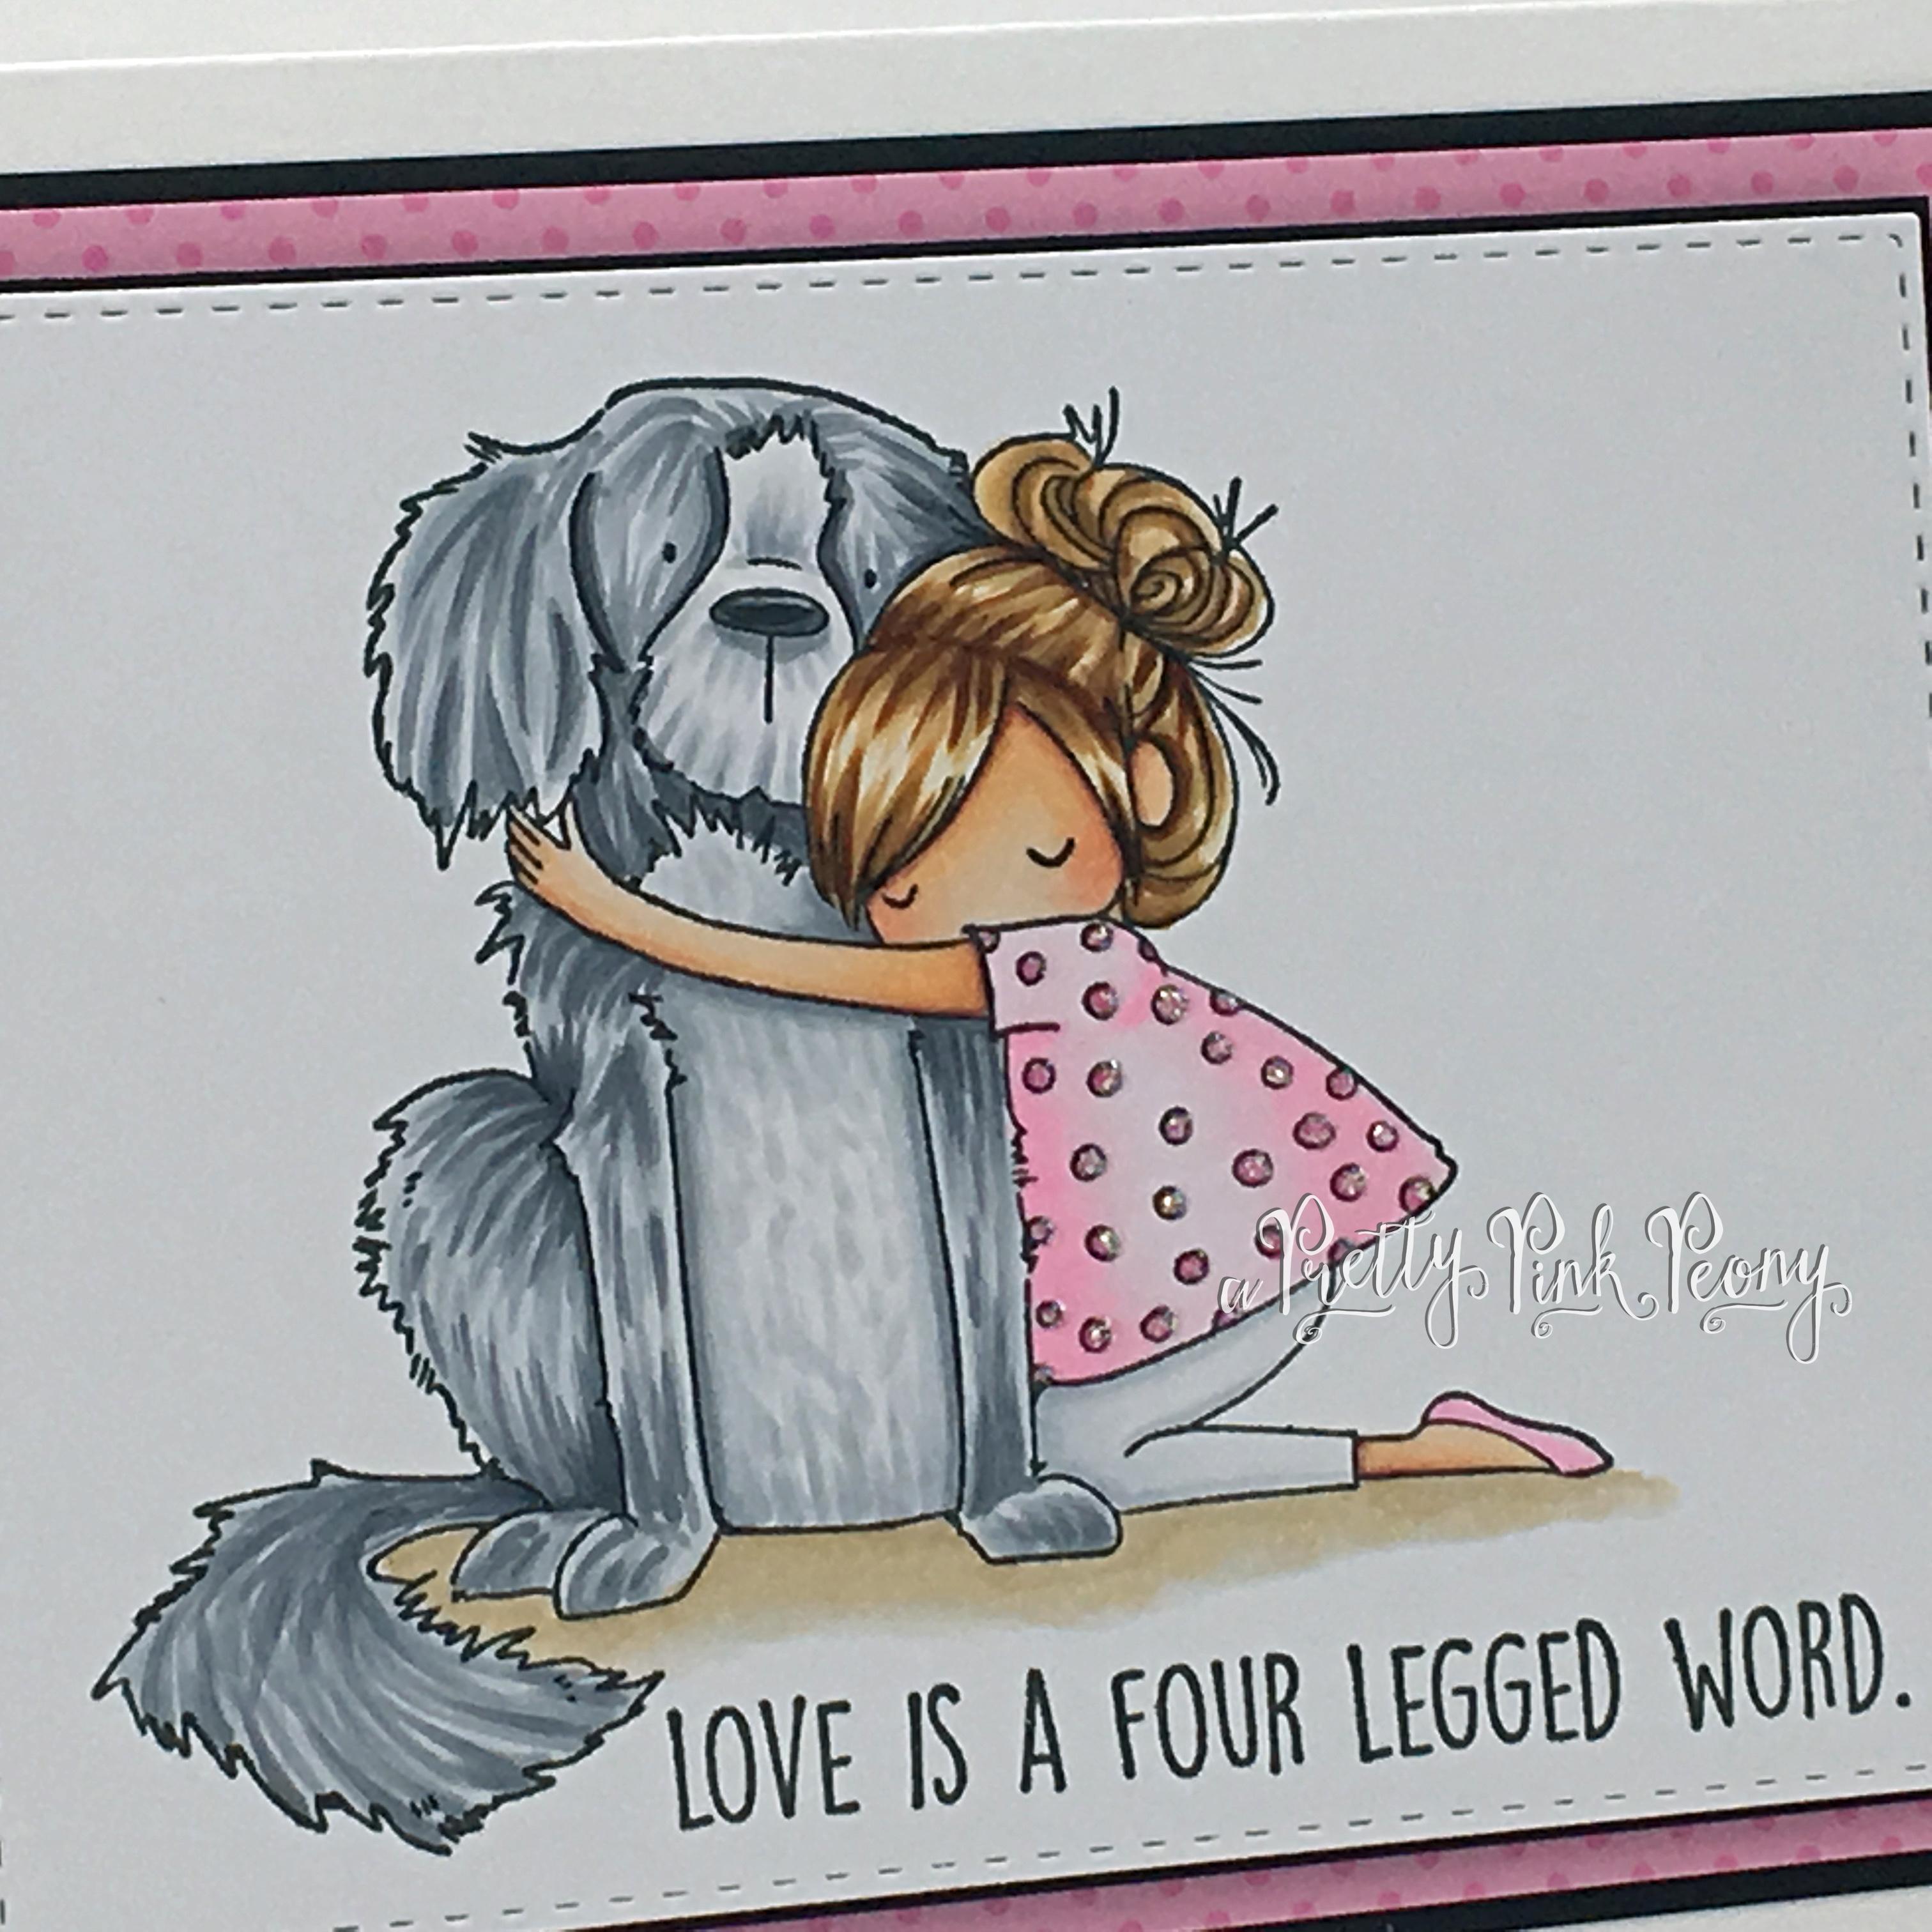 Love is a Four Legged Word2